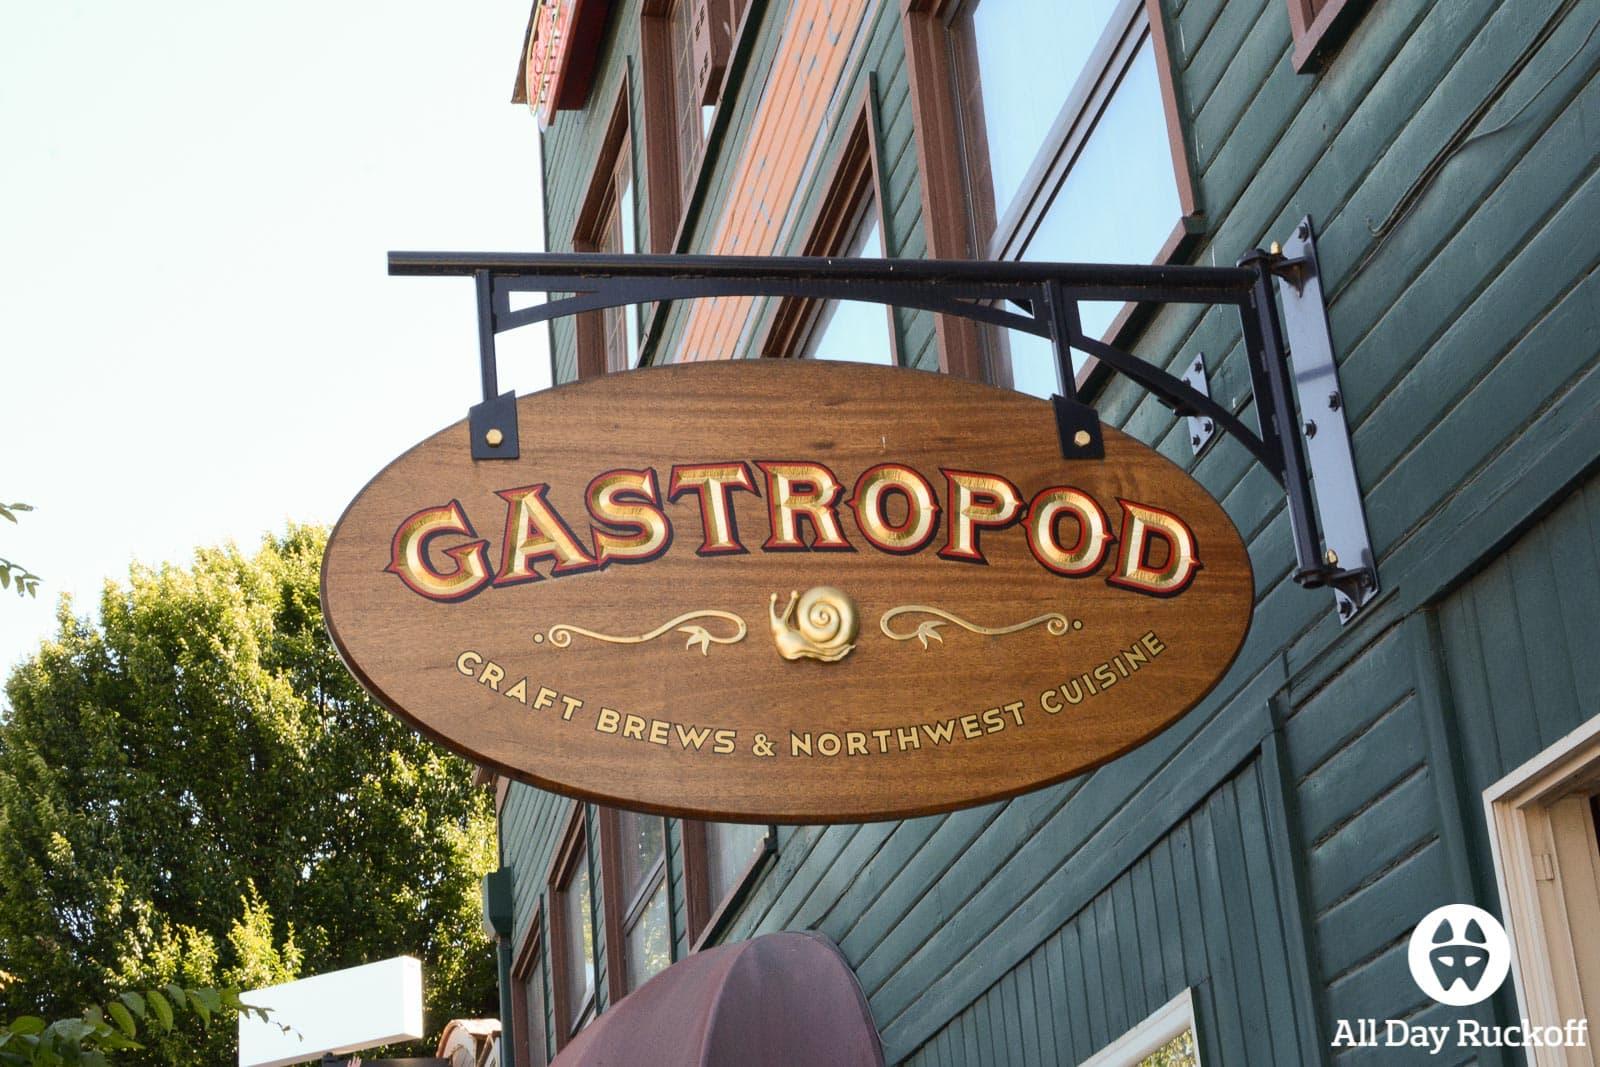 Gastropod Craft Brews